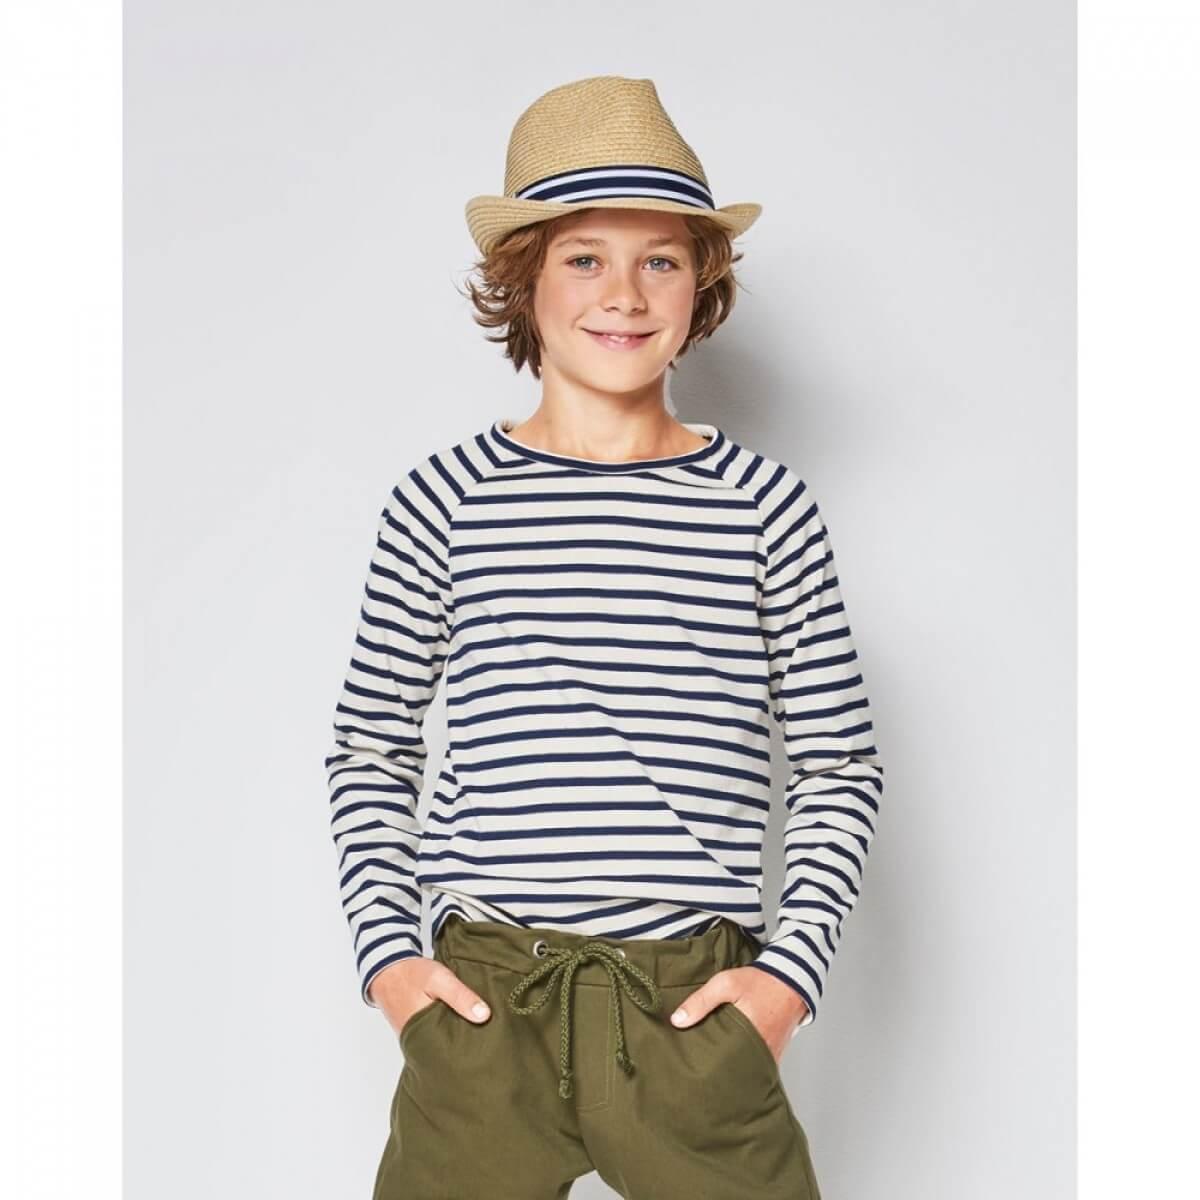 56edf0a56e87 patron-tee-shirt-enfant-manches-raglan-burda-9346.jpg